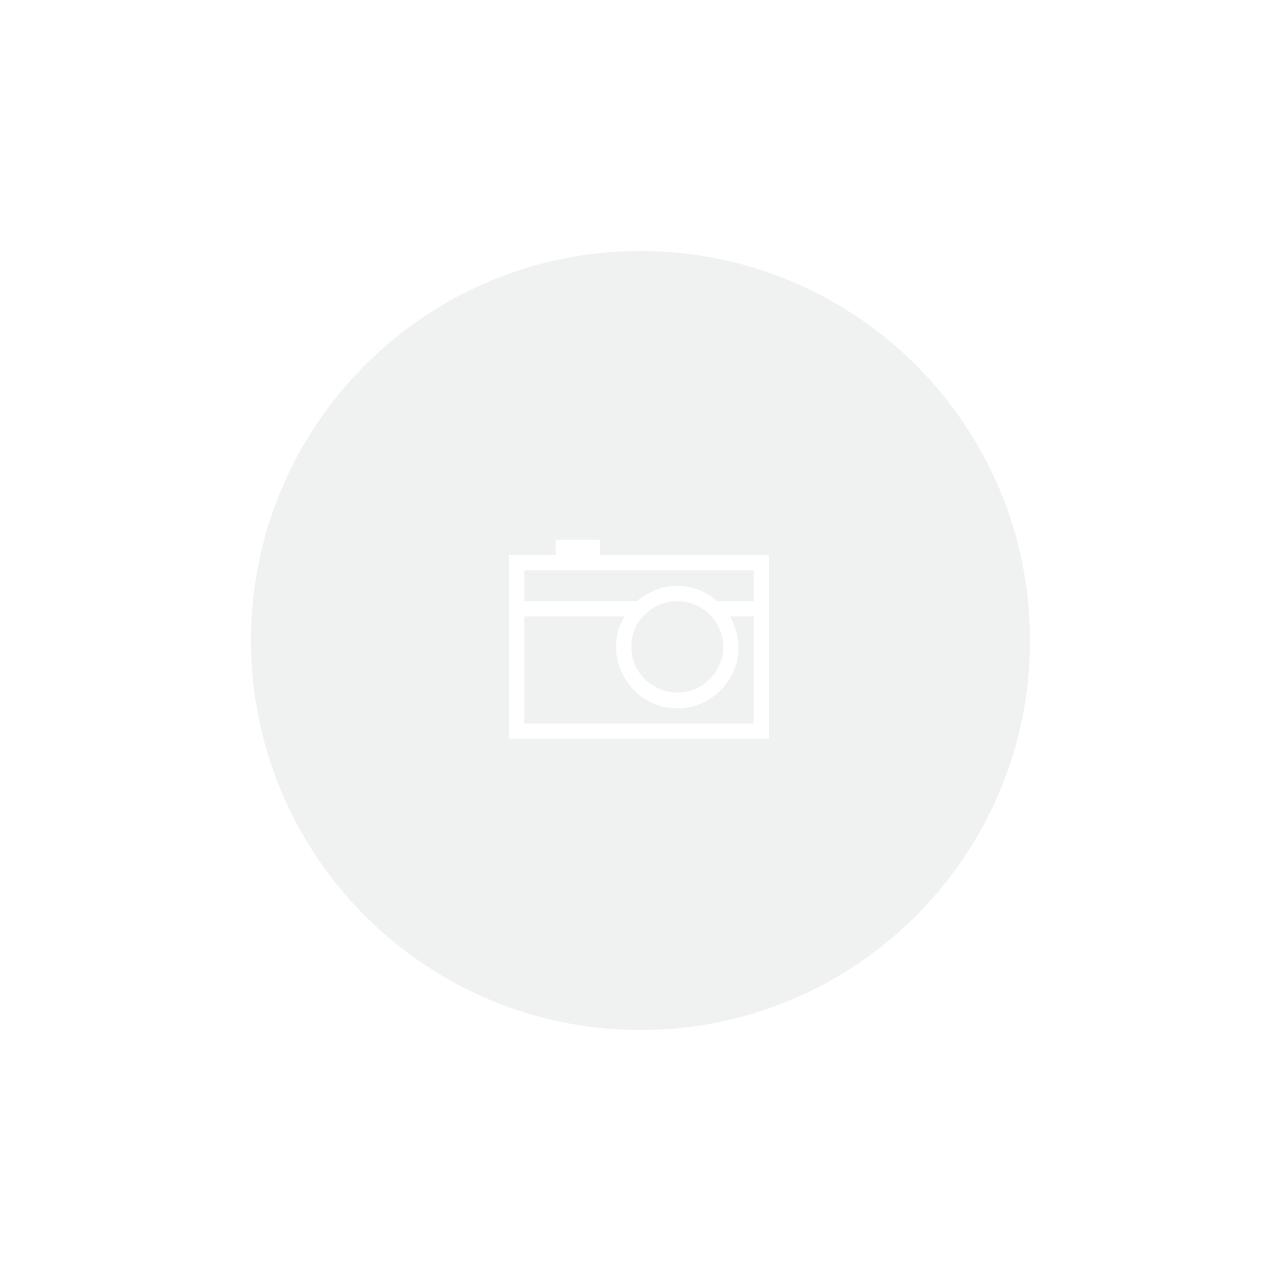 PLACA DE VIDEO GALAX GTX1050 2GB OC - 50NPH8DSN8OC